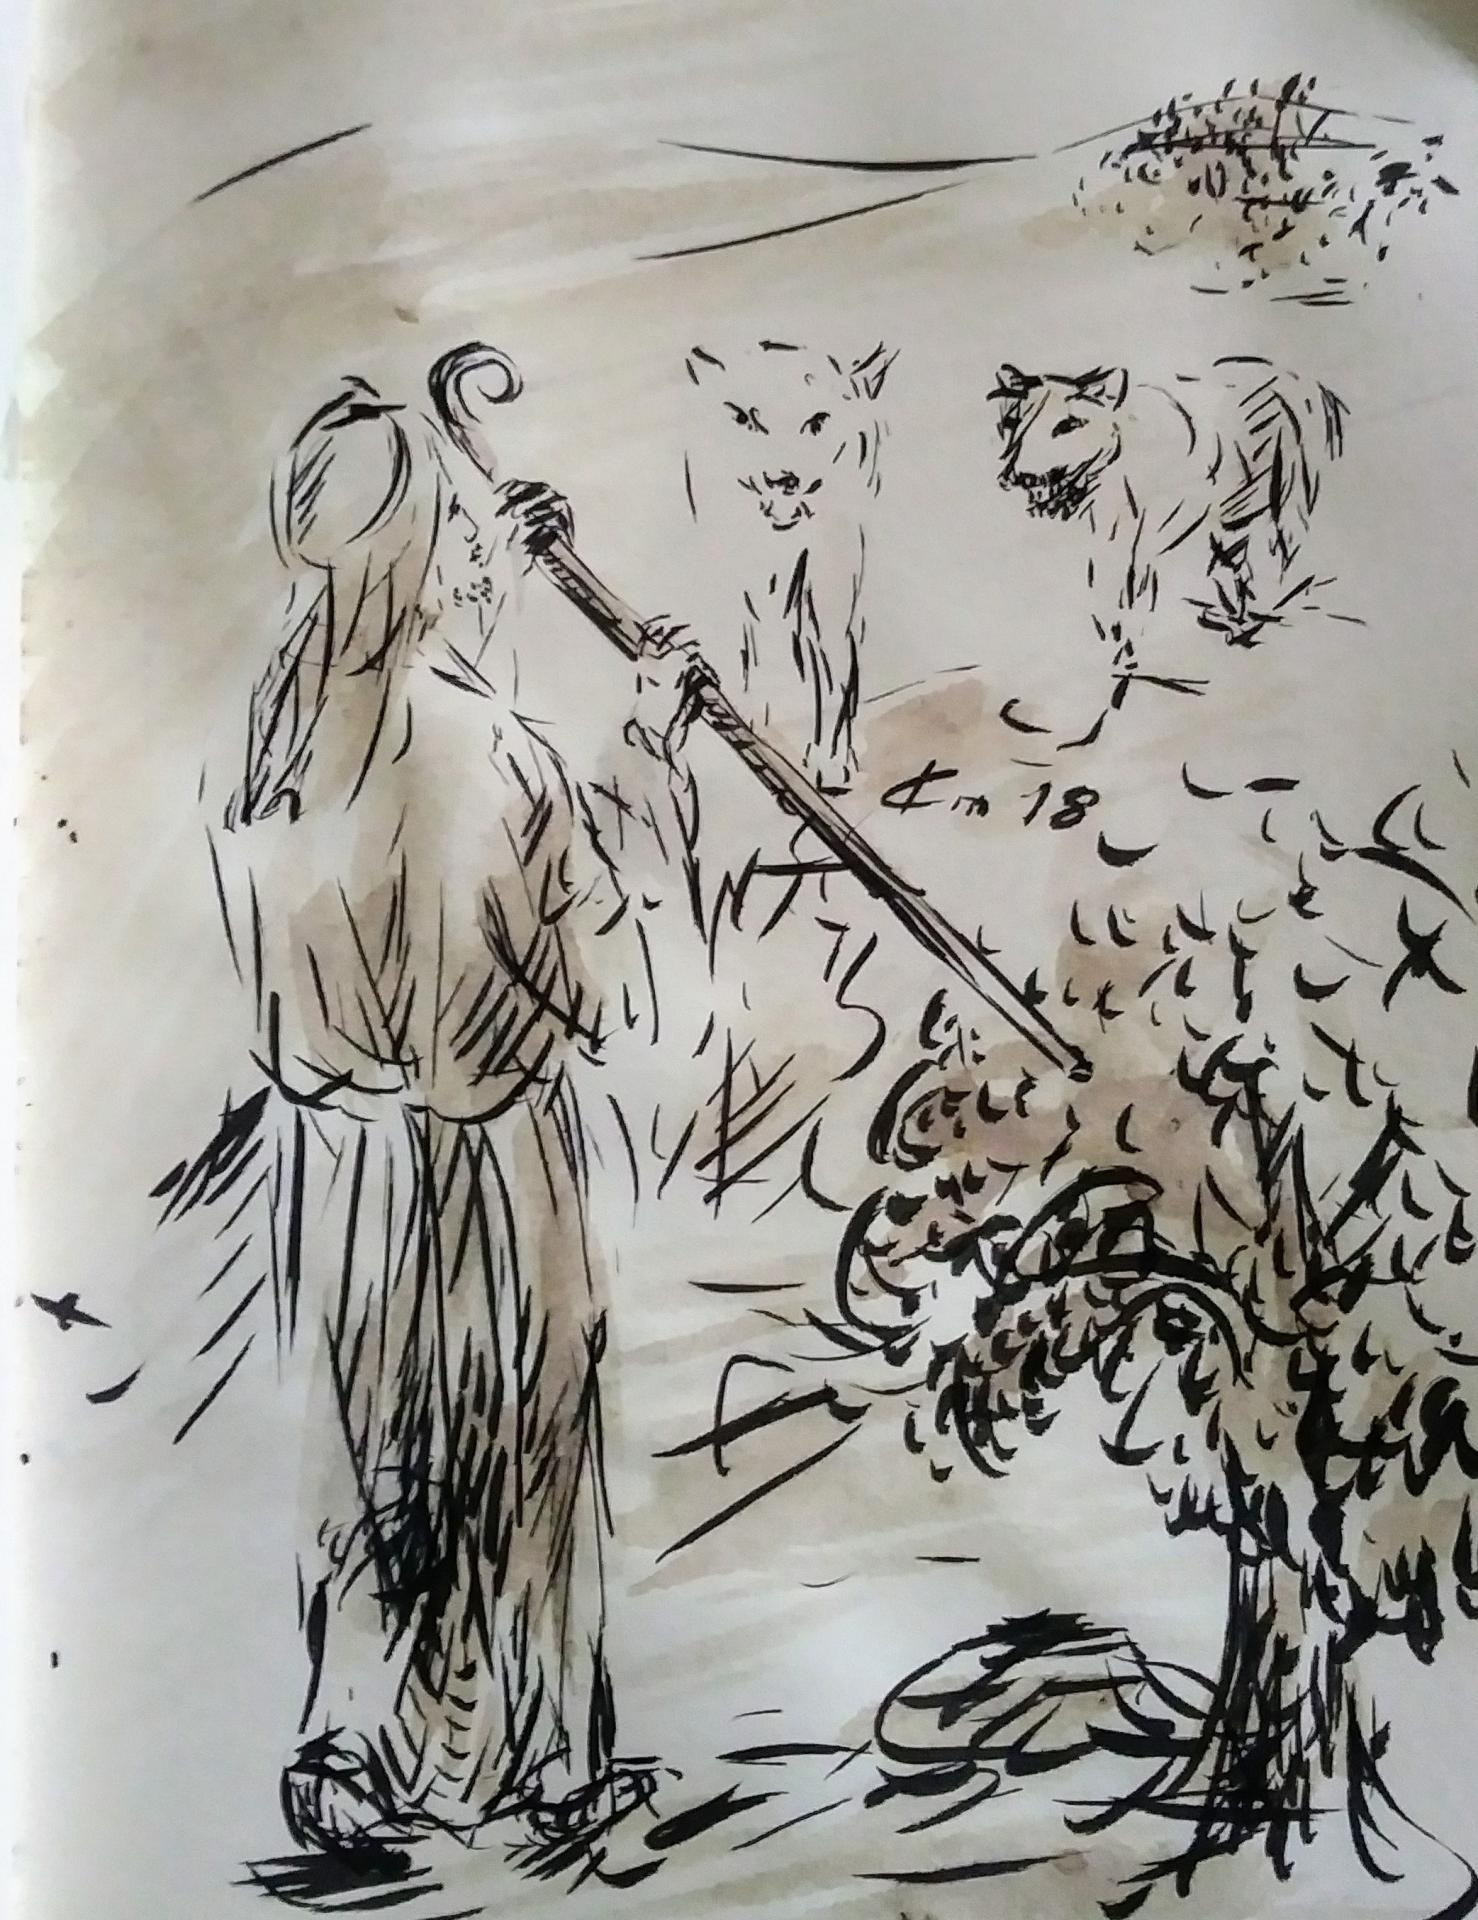 22 Avril 2018, évangile du jour illustré par un dessin au lavis